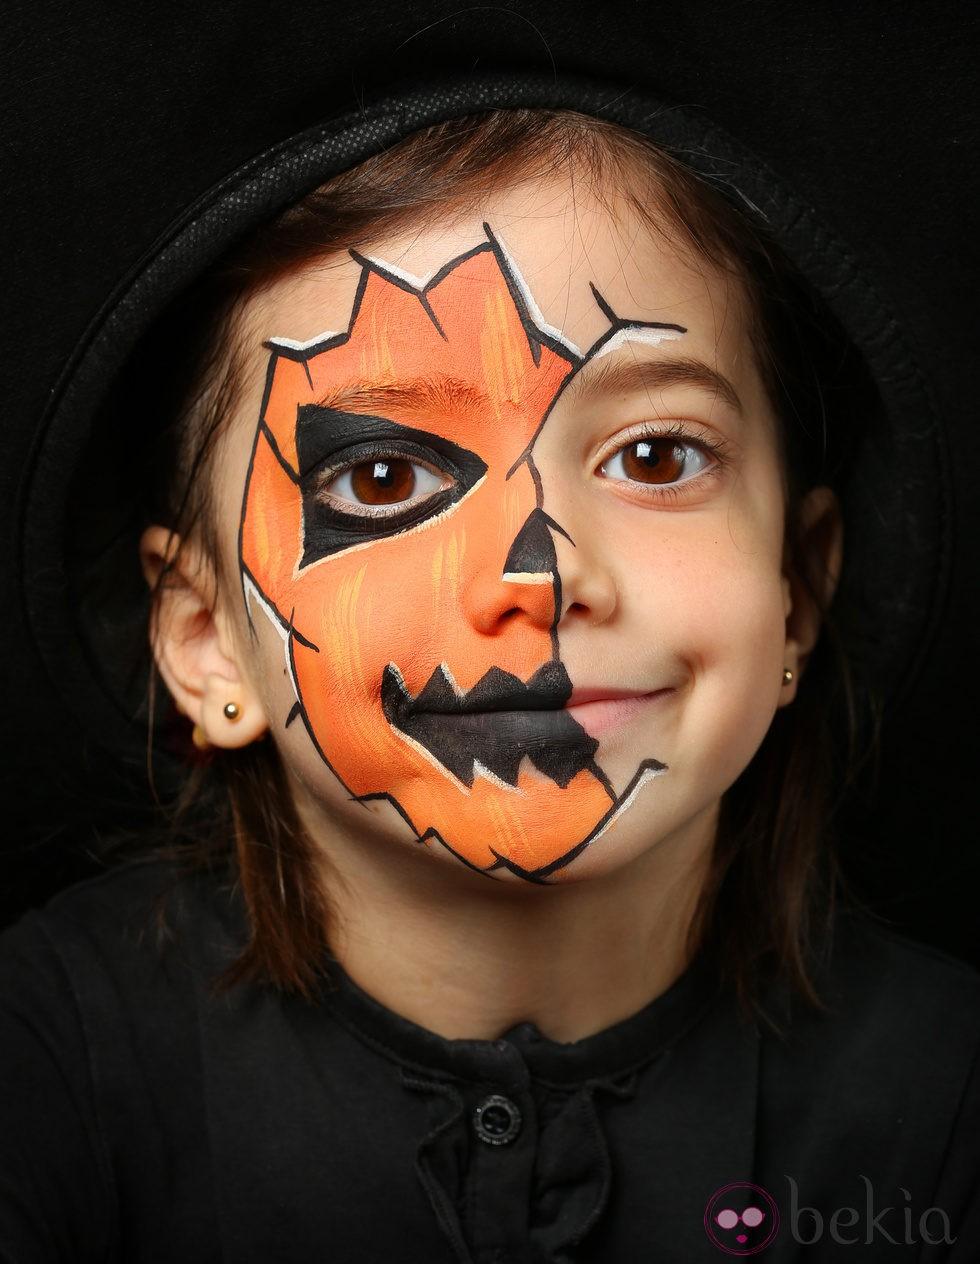 Maquillaje de calabaza de halloween maquillaje de - Calabazas de halloween de miedo ...